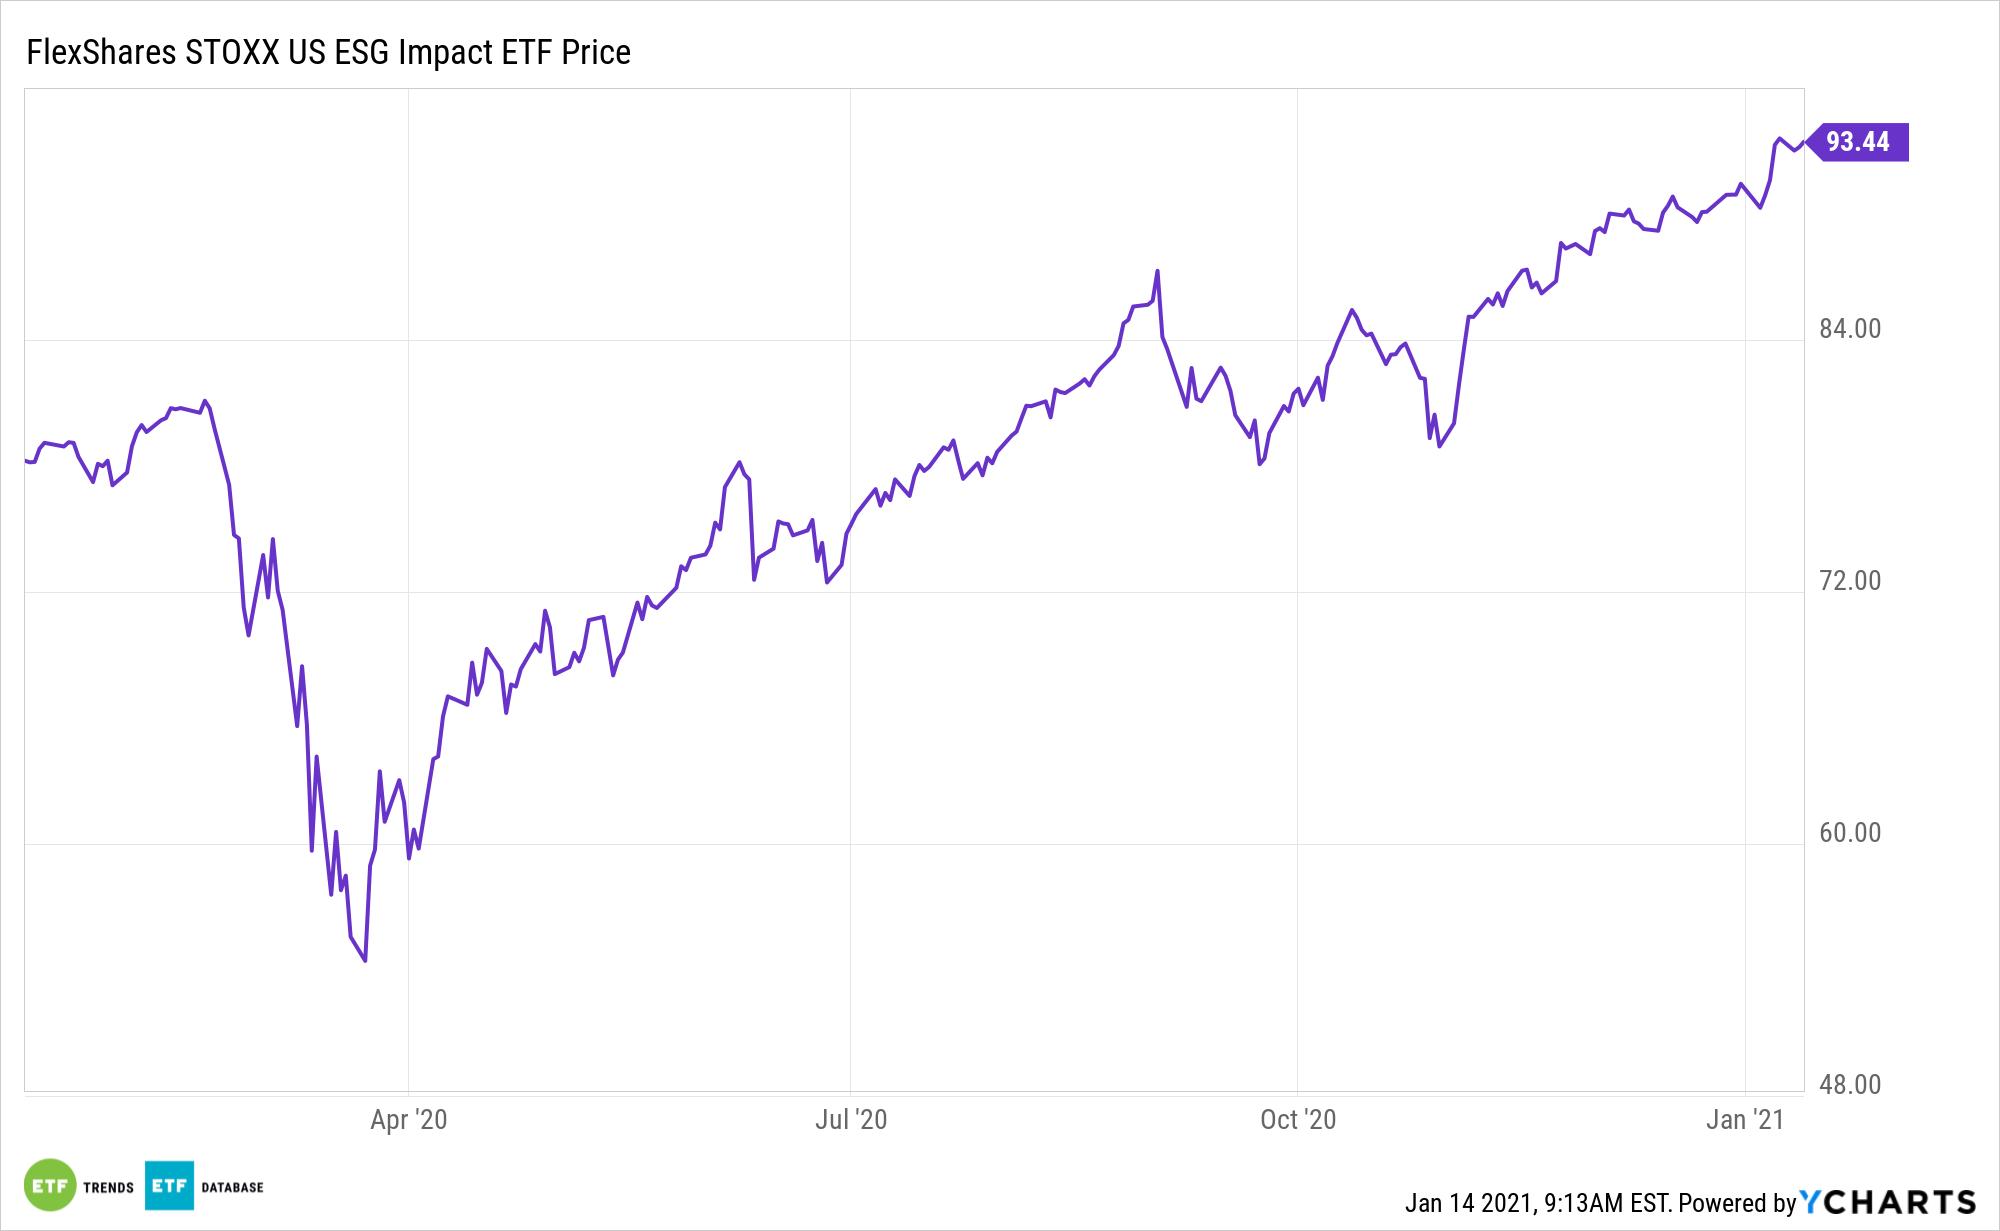 ESG 1 Year Performance